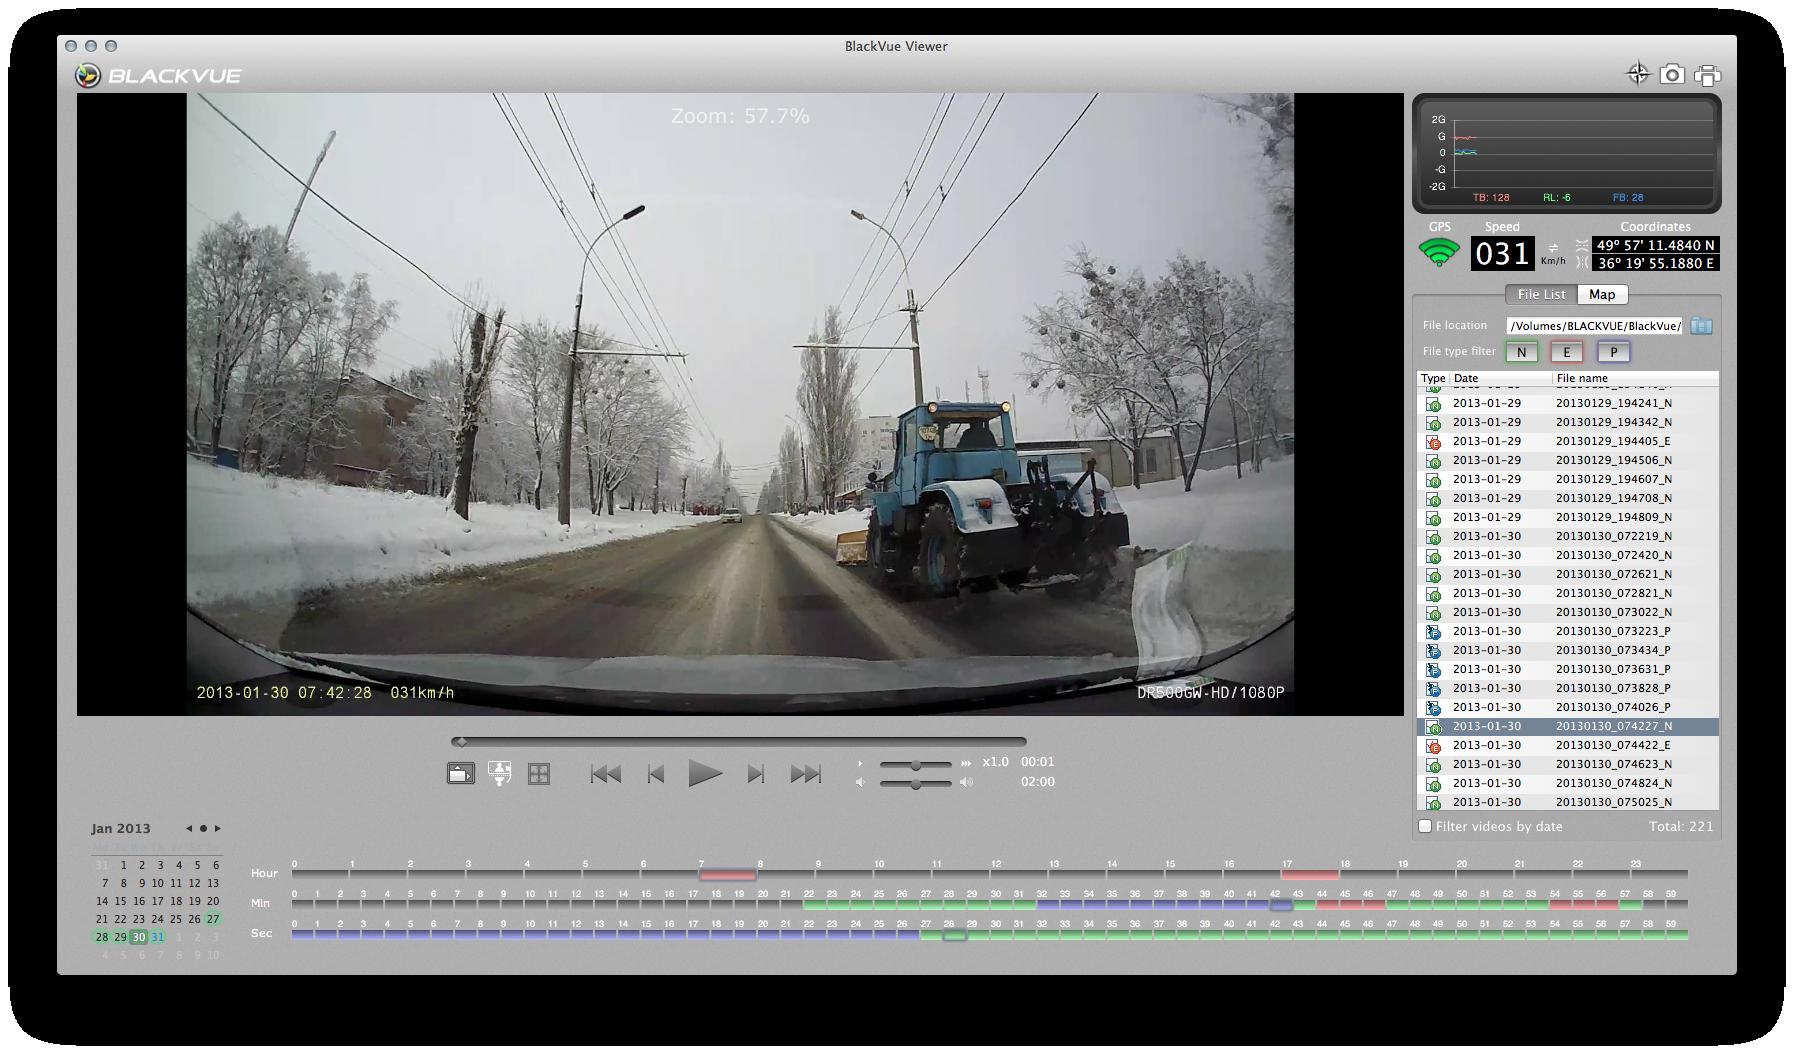 инструкция по настройке видеорегистратора двр 007